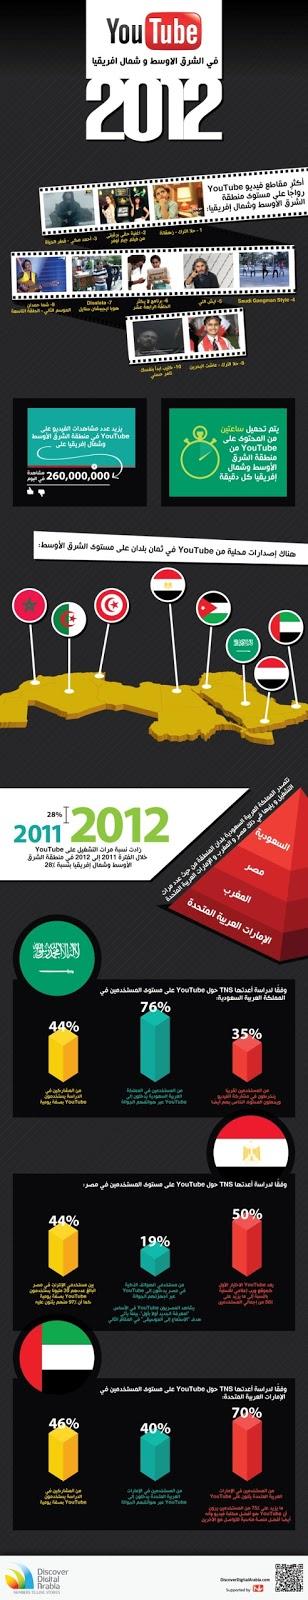 يوتيوب في الشرق الأوسط وشمال إفريقيا 2012 - انفوجرافيك